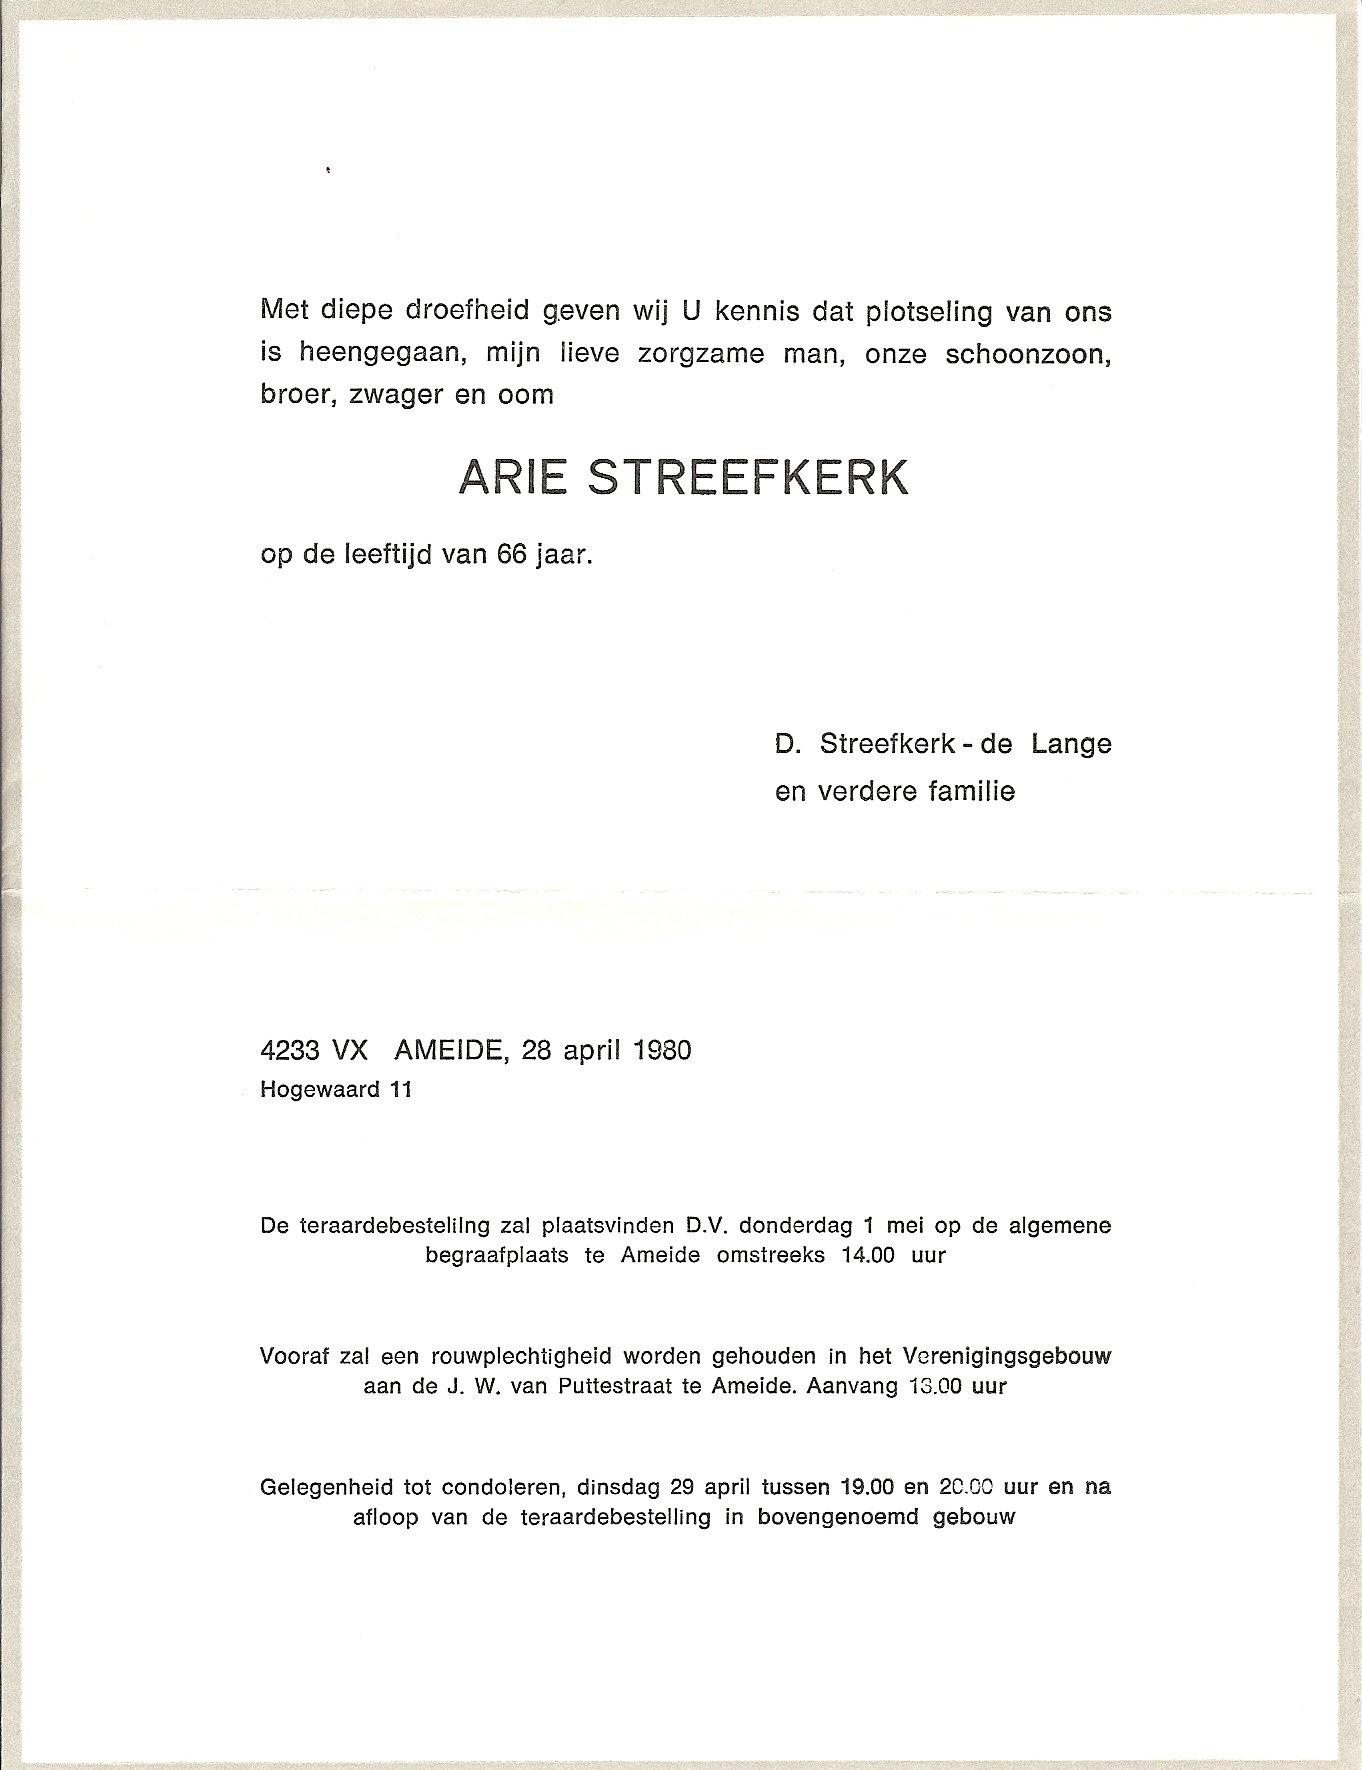 Rouwkaart Arie Streefkerk (-1980)